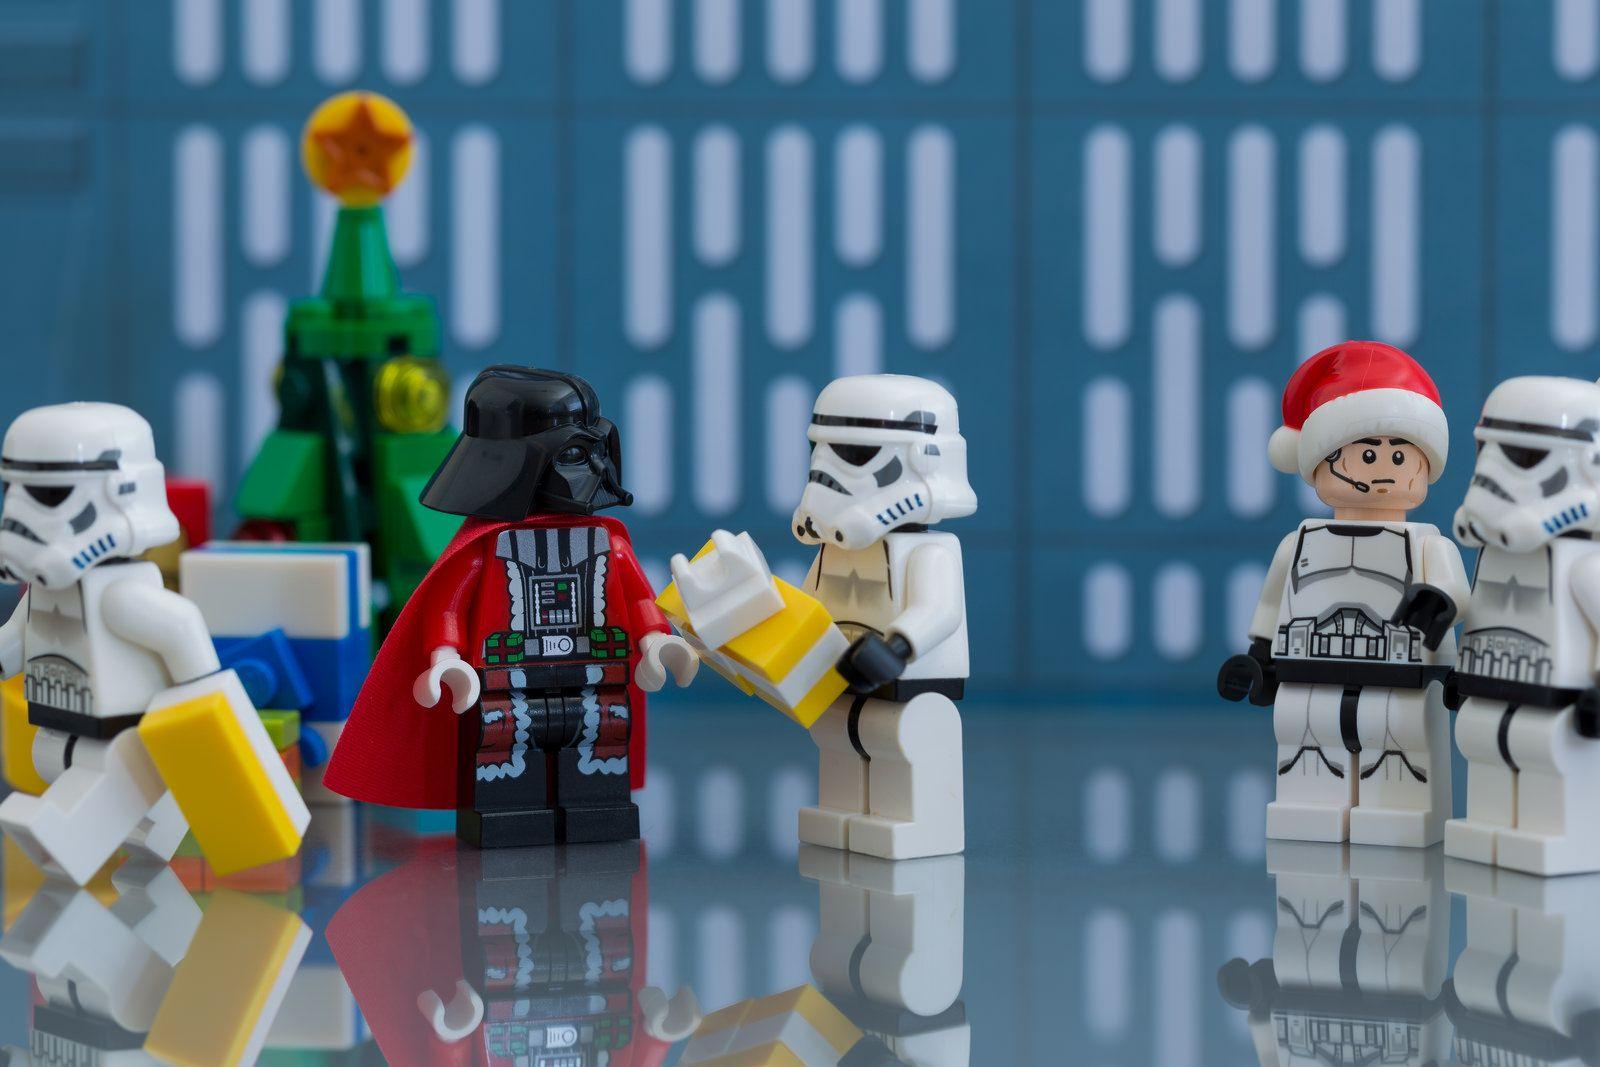 Darth Santa - Maybe Darth Vader isn't all bad, after all?